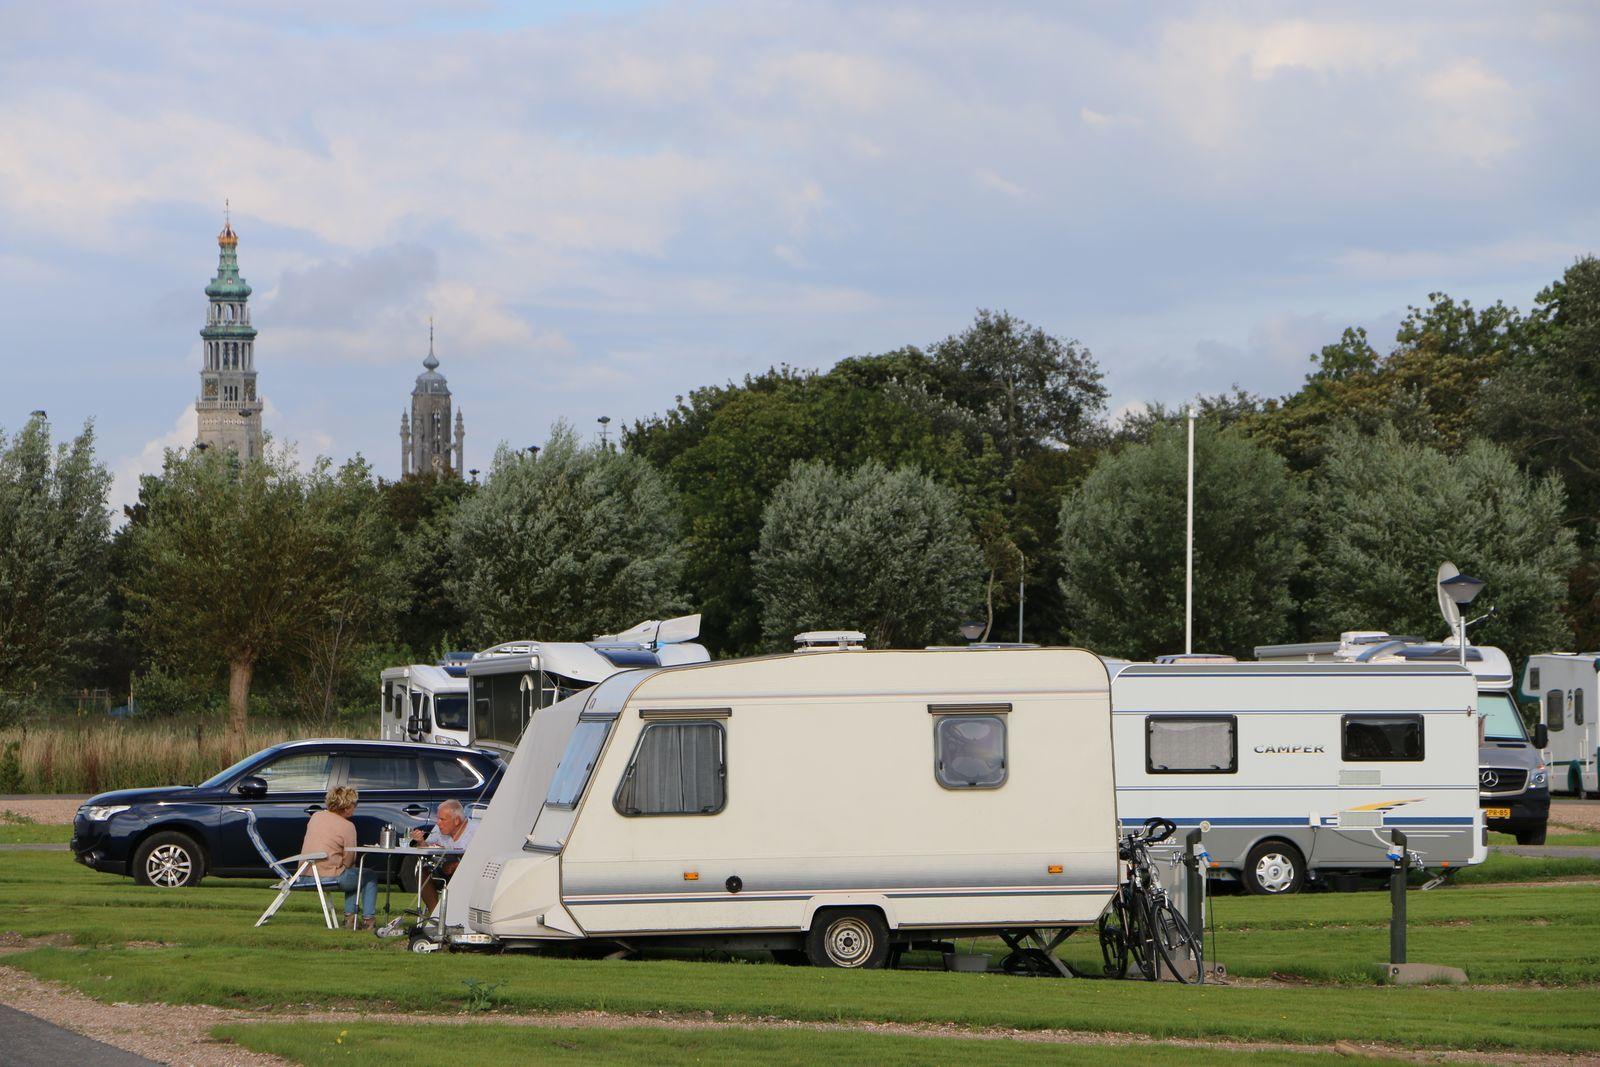 Camperplaats Standaard